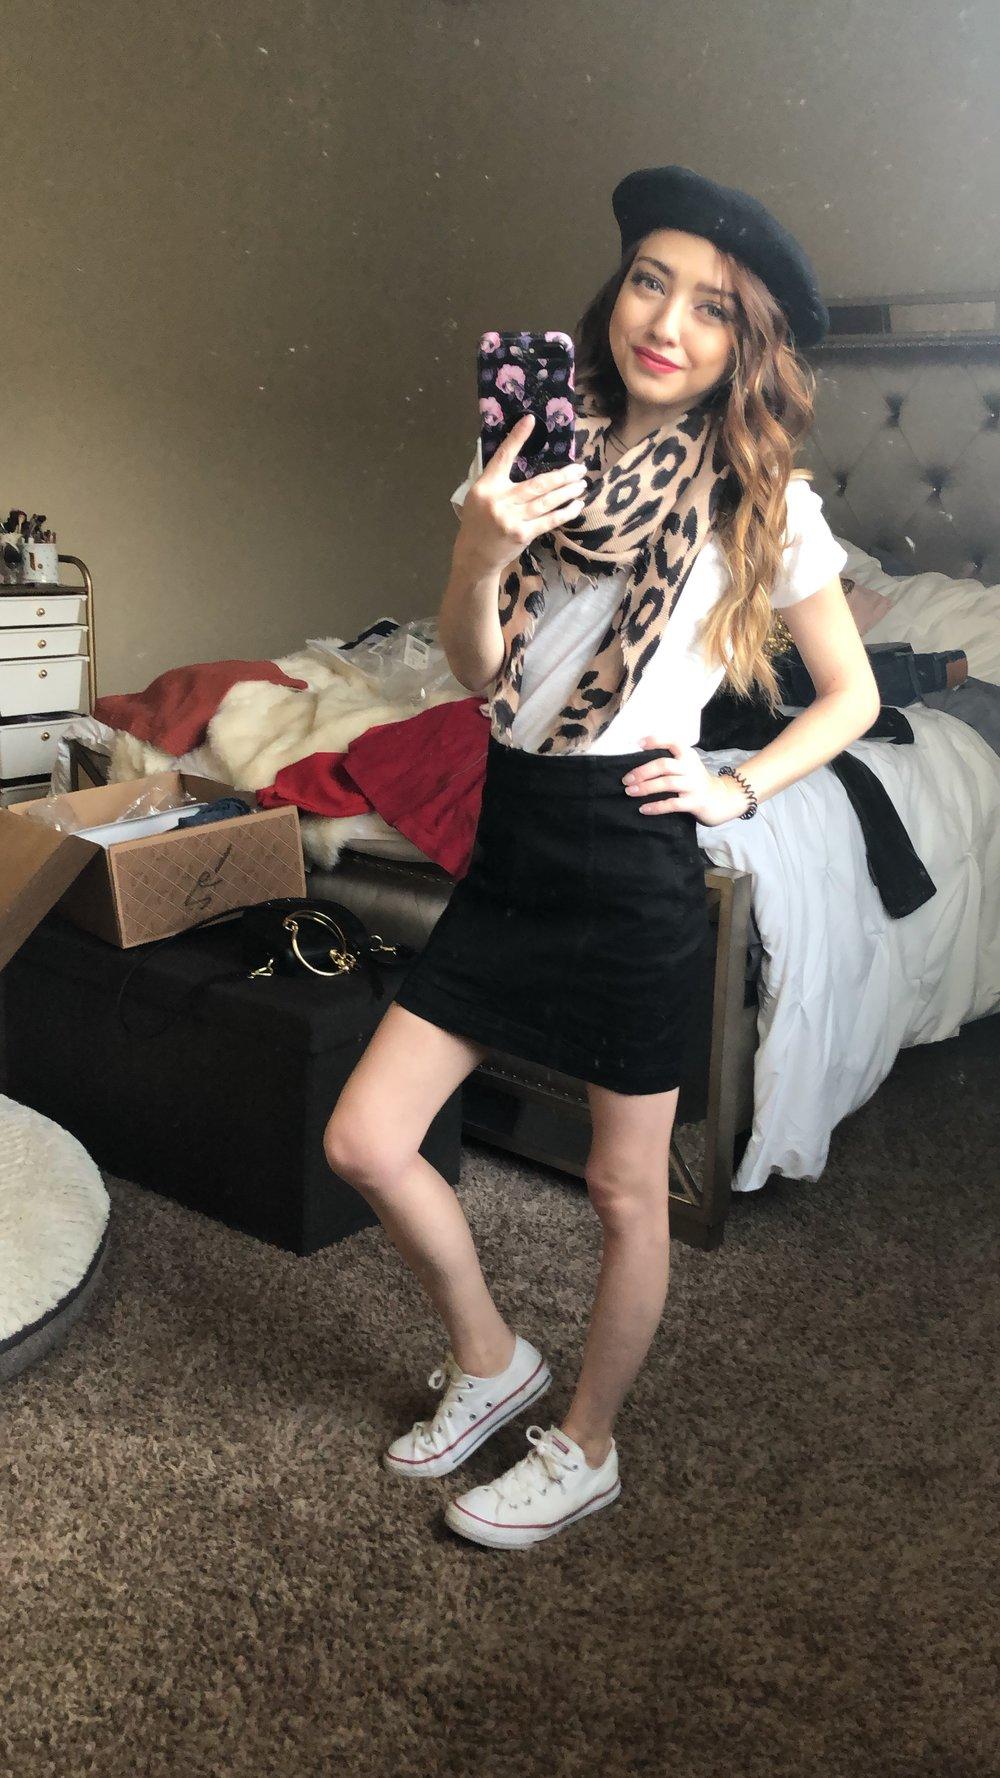 skirt  //  tee  //  converse  //  hat